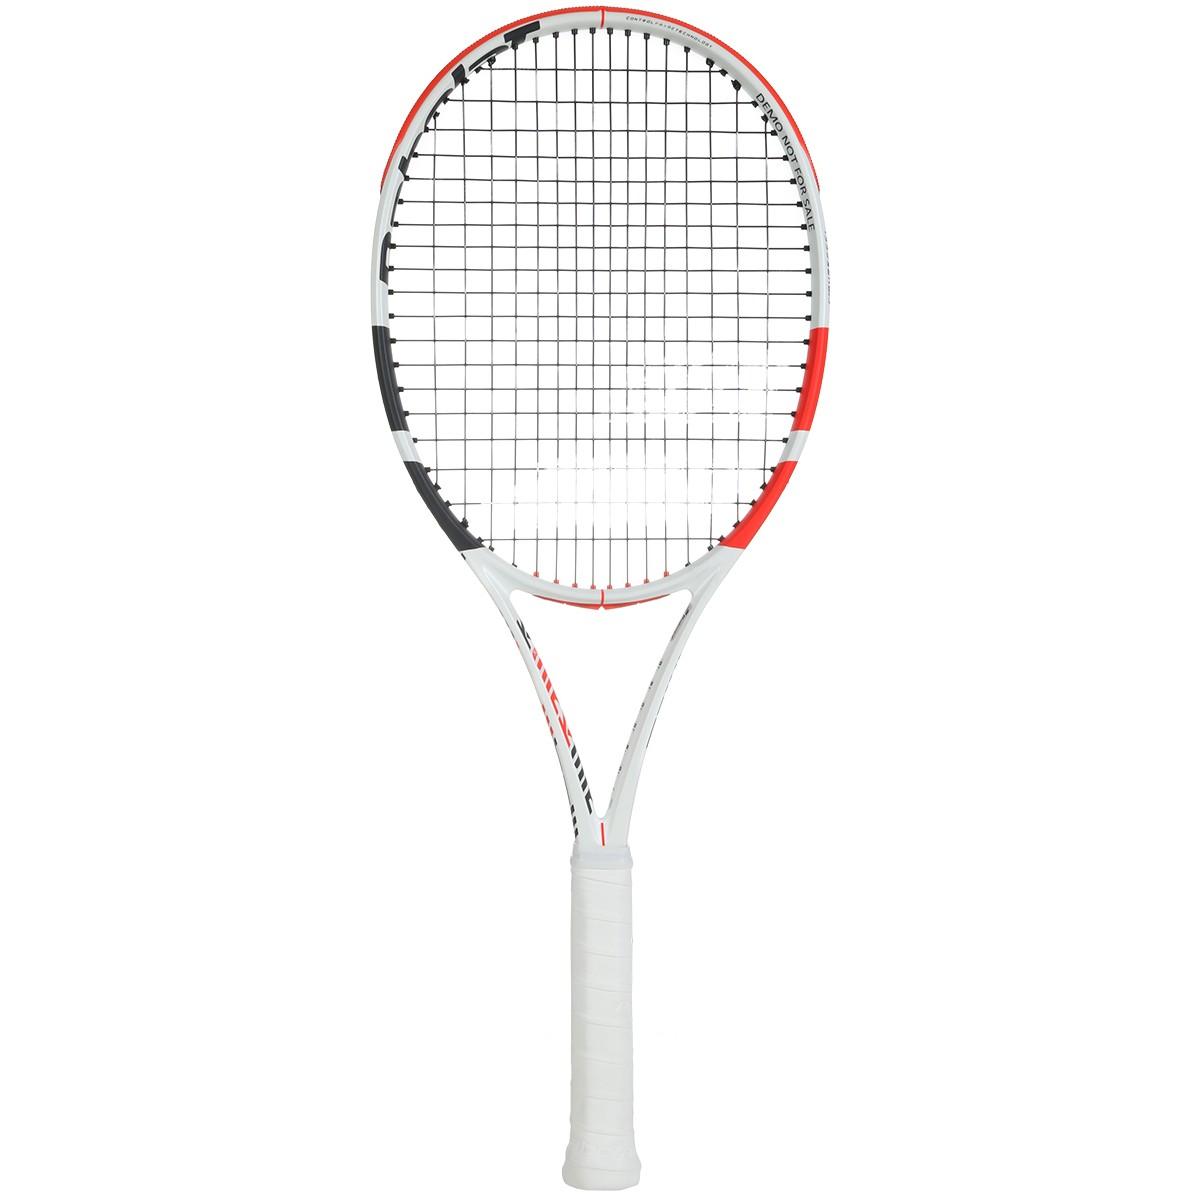 【2019 NEWモデル!】バボラ ピュアストライク チーム BABOLAT PURE STRIKE TEAM (285g)テニスラケット